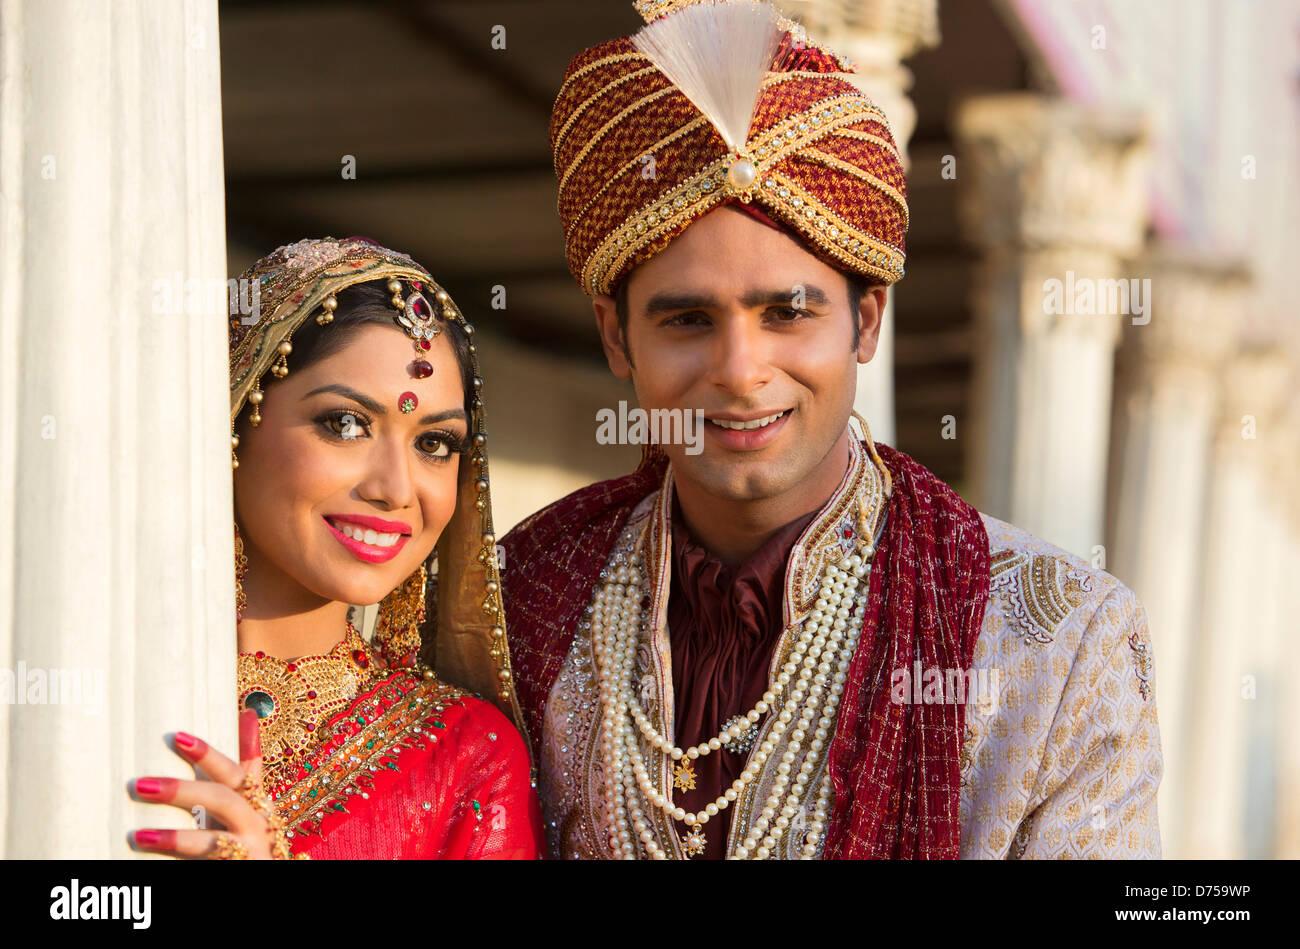 Ausgezeichnet Brautkleider Für Bräutigam Indian Fotos - Brautkleider ...